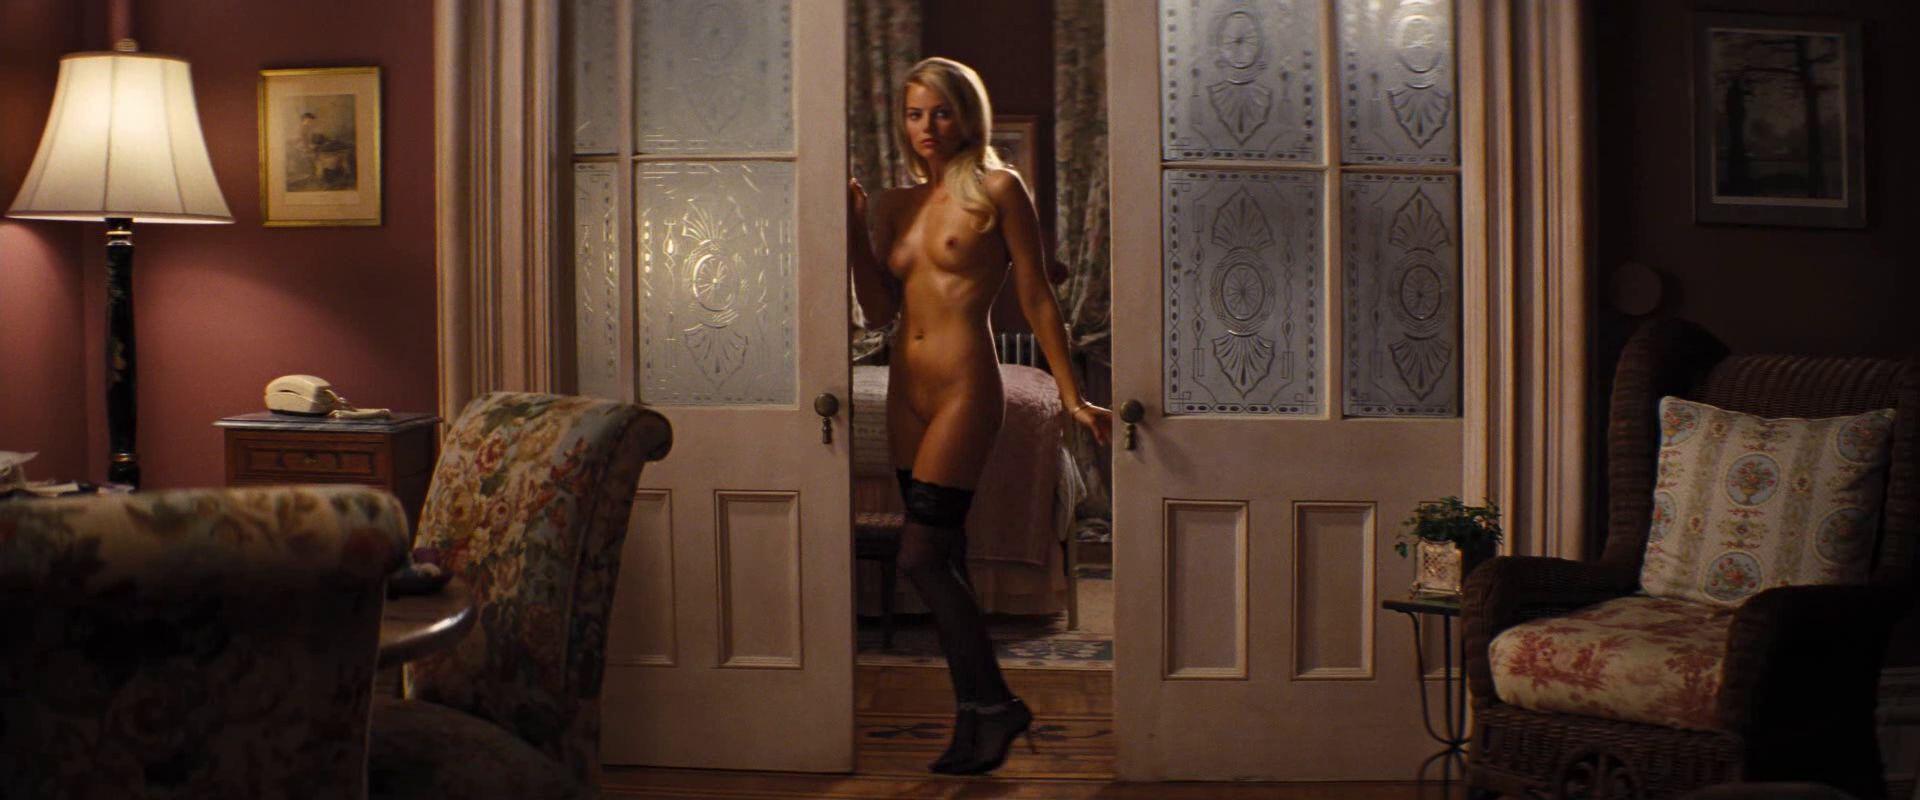 Margot Robbie en Lobo de Wall Street